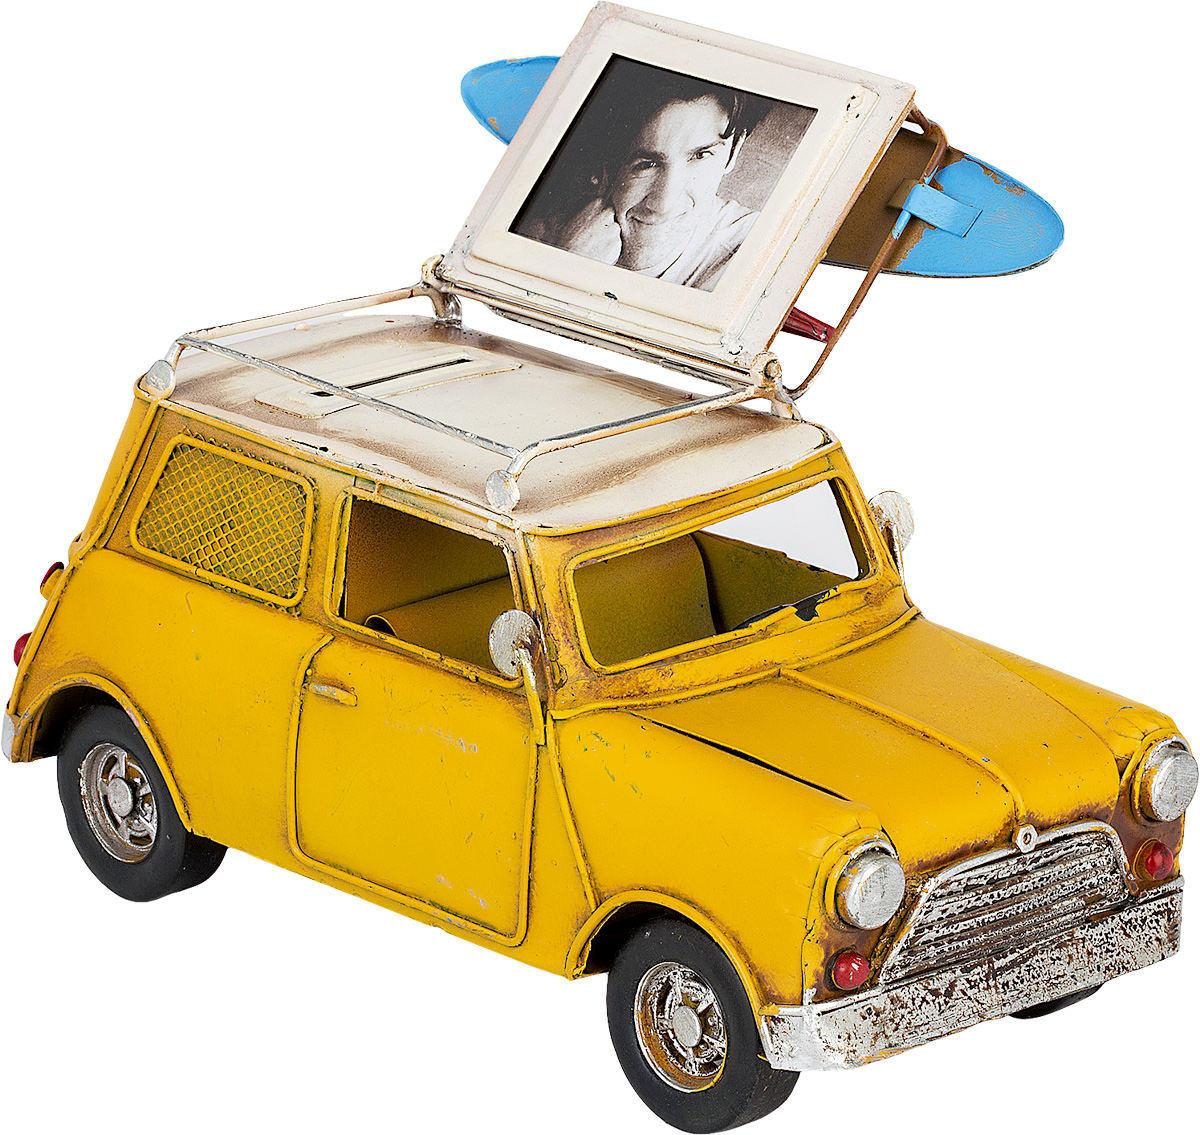 Модель Platinum Автомобиль, с фоторамкой и копилкой. 1404E-43581404E-4358Модель Platinum Автомобиль, выполненная из металла, станет оригинальным украшением интерьера. Вы можете поставить модель ретро-автомобиля в любом месте, где она будет удачно смотреться.Изделие дополнено копилкой и фоторамкой, куда вы можете вставить вашу любимую фотографию.Качество исполнения, точные детали и оригинальный дизайн выделяют эту модель среди ряда подобных. Модель займет достойное место в вашей коллекции, а также приятно удивит получателя в качестве стильного сувенира.